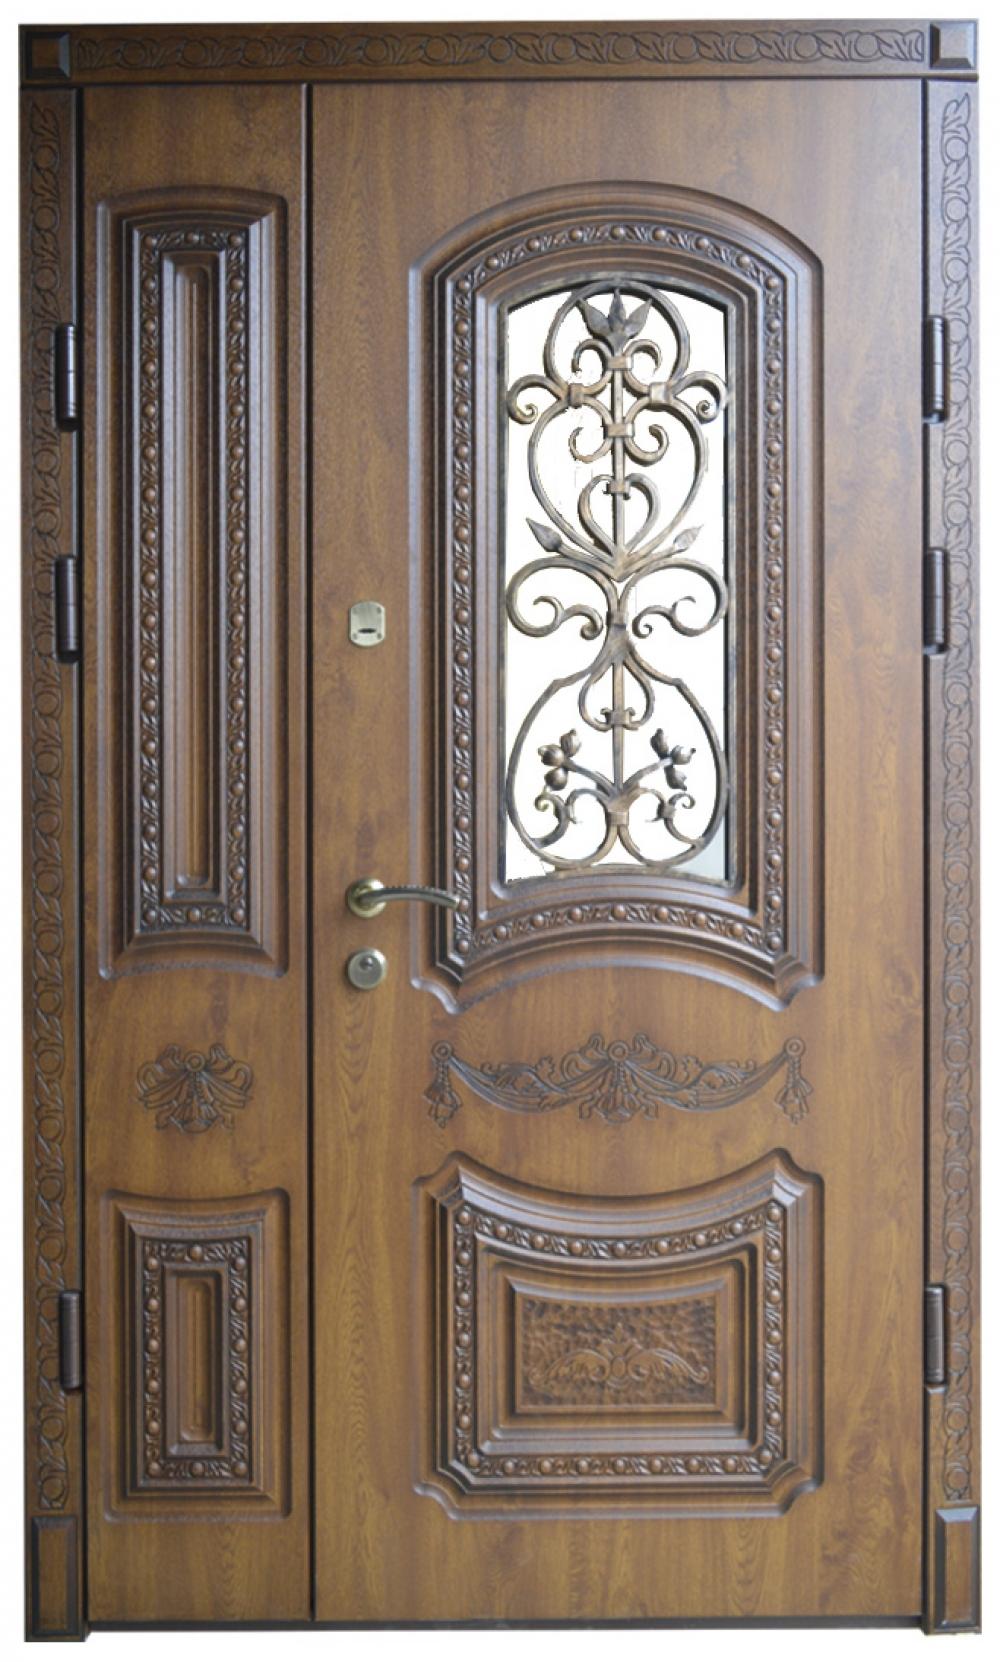 недорогие металлические двери в некрасовке